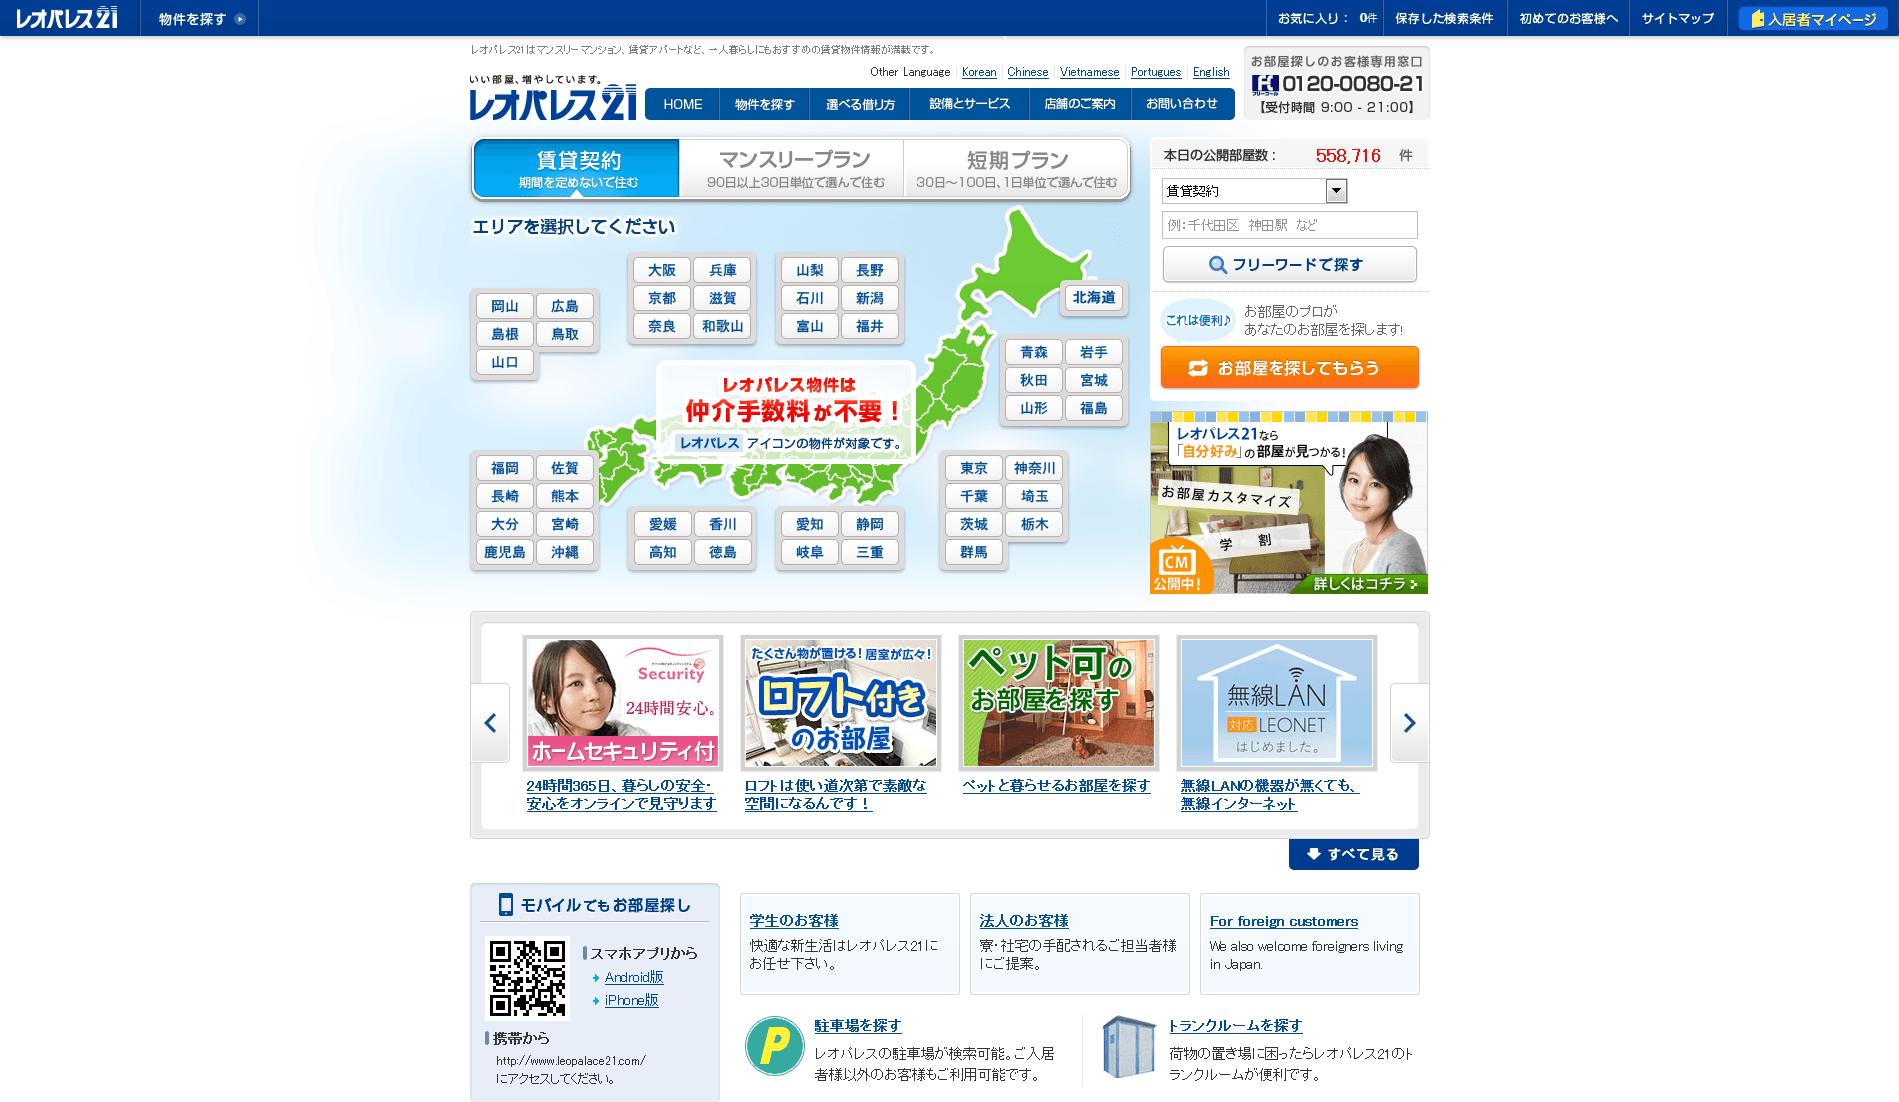 【レオパレス21】マンスリーマンション・賃貸マンションやアパートなど賃貸物件情報が満載